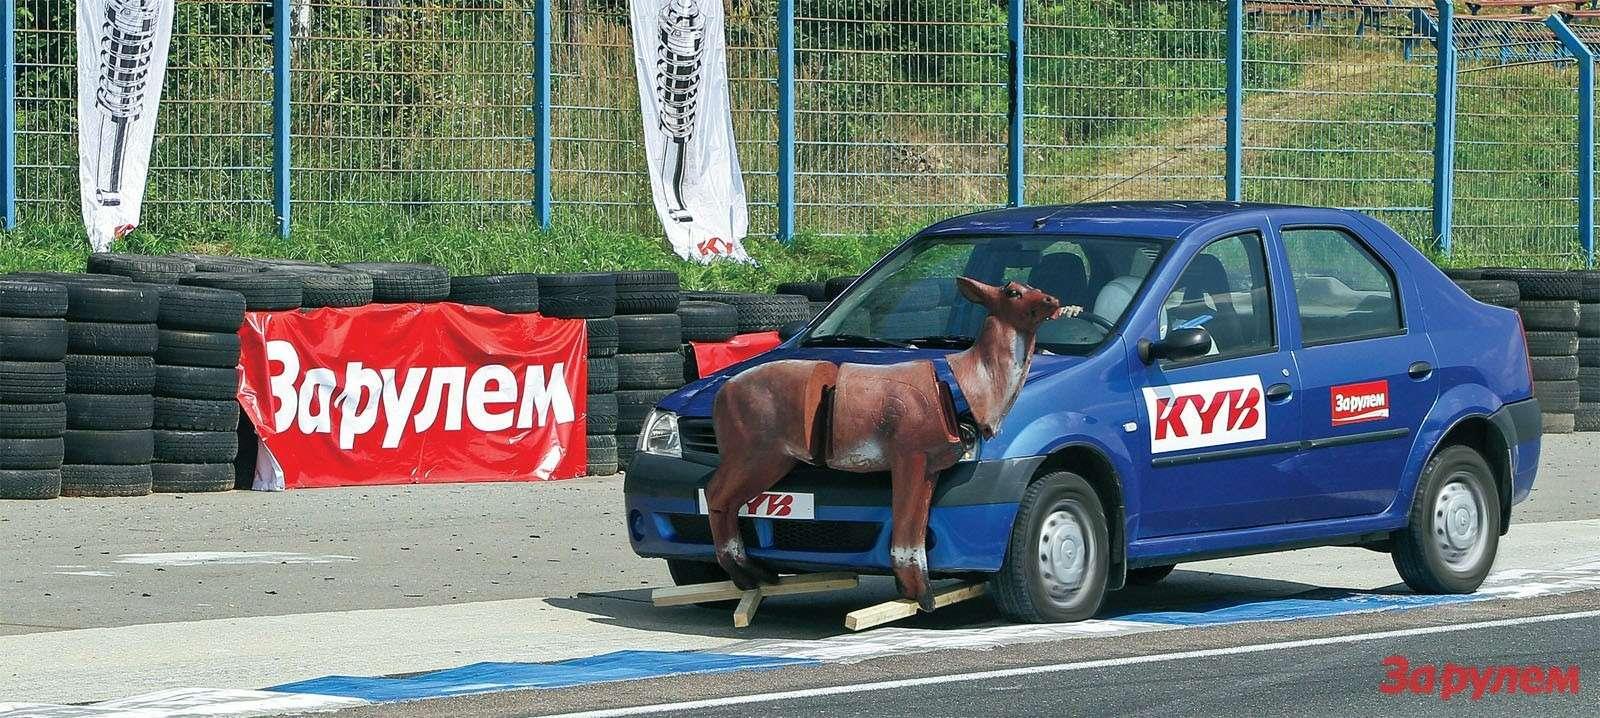 Приторможении без амортизаторов остается лишь ждать, когда плохо контролируемый автомобиль разнесет олененка накуски.